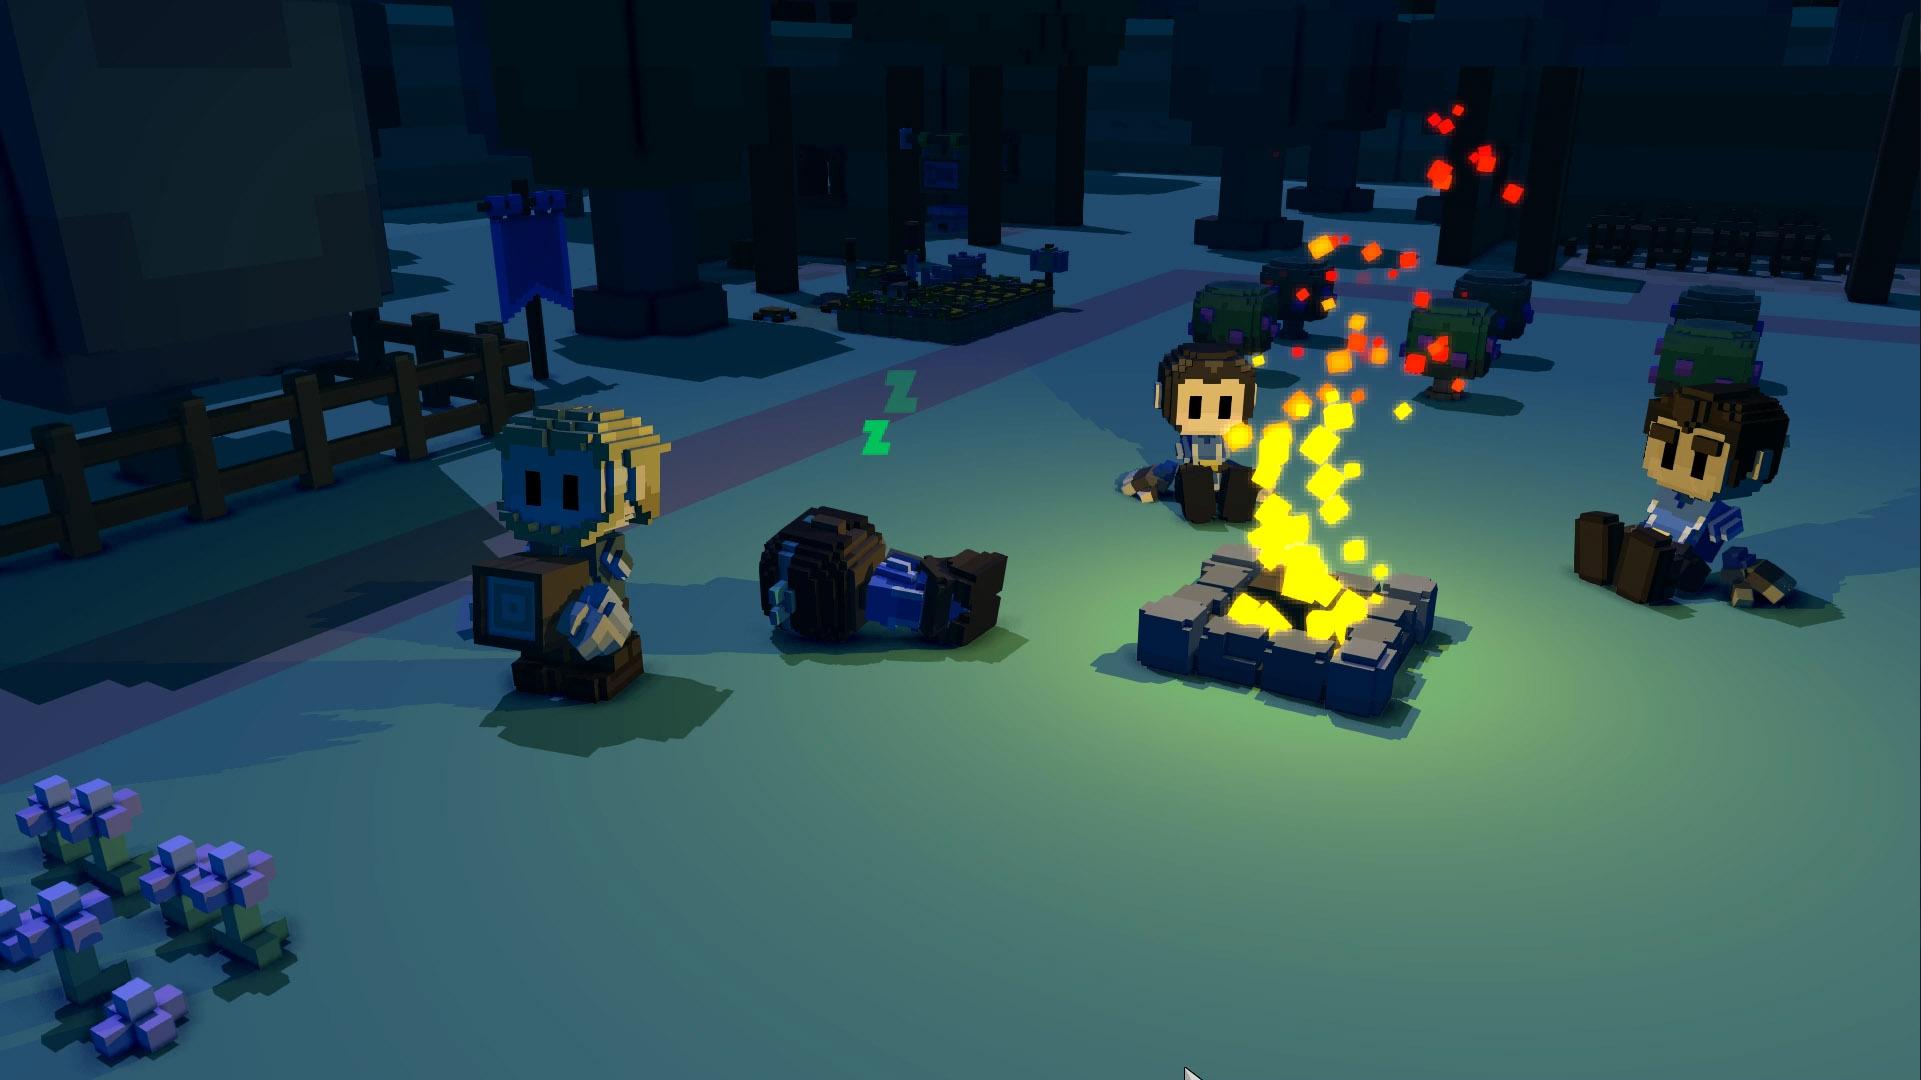 建造策略《石炉》登陆Steam 高清截图公开